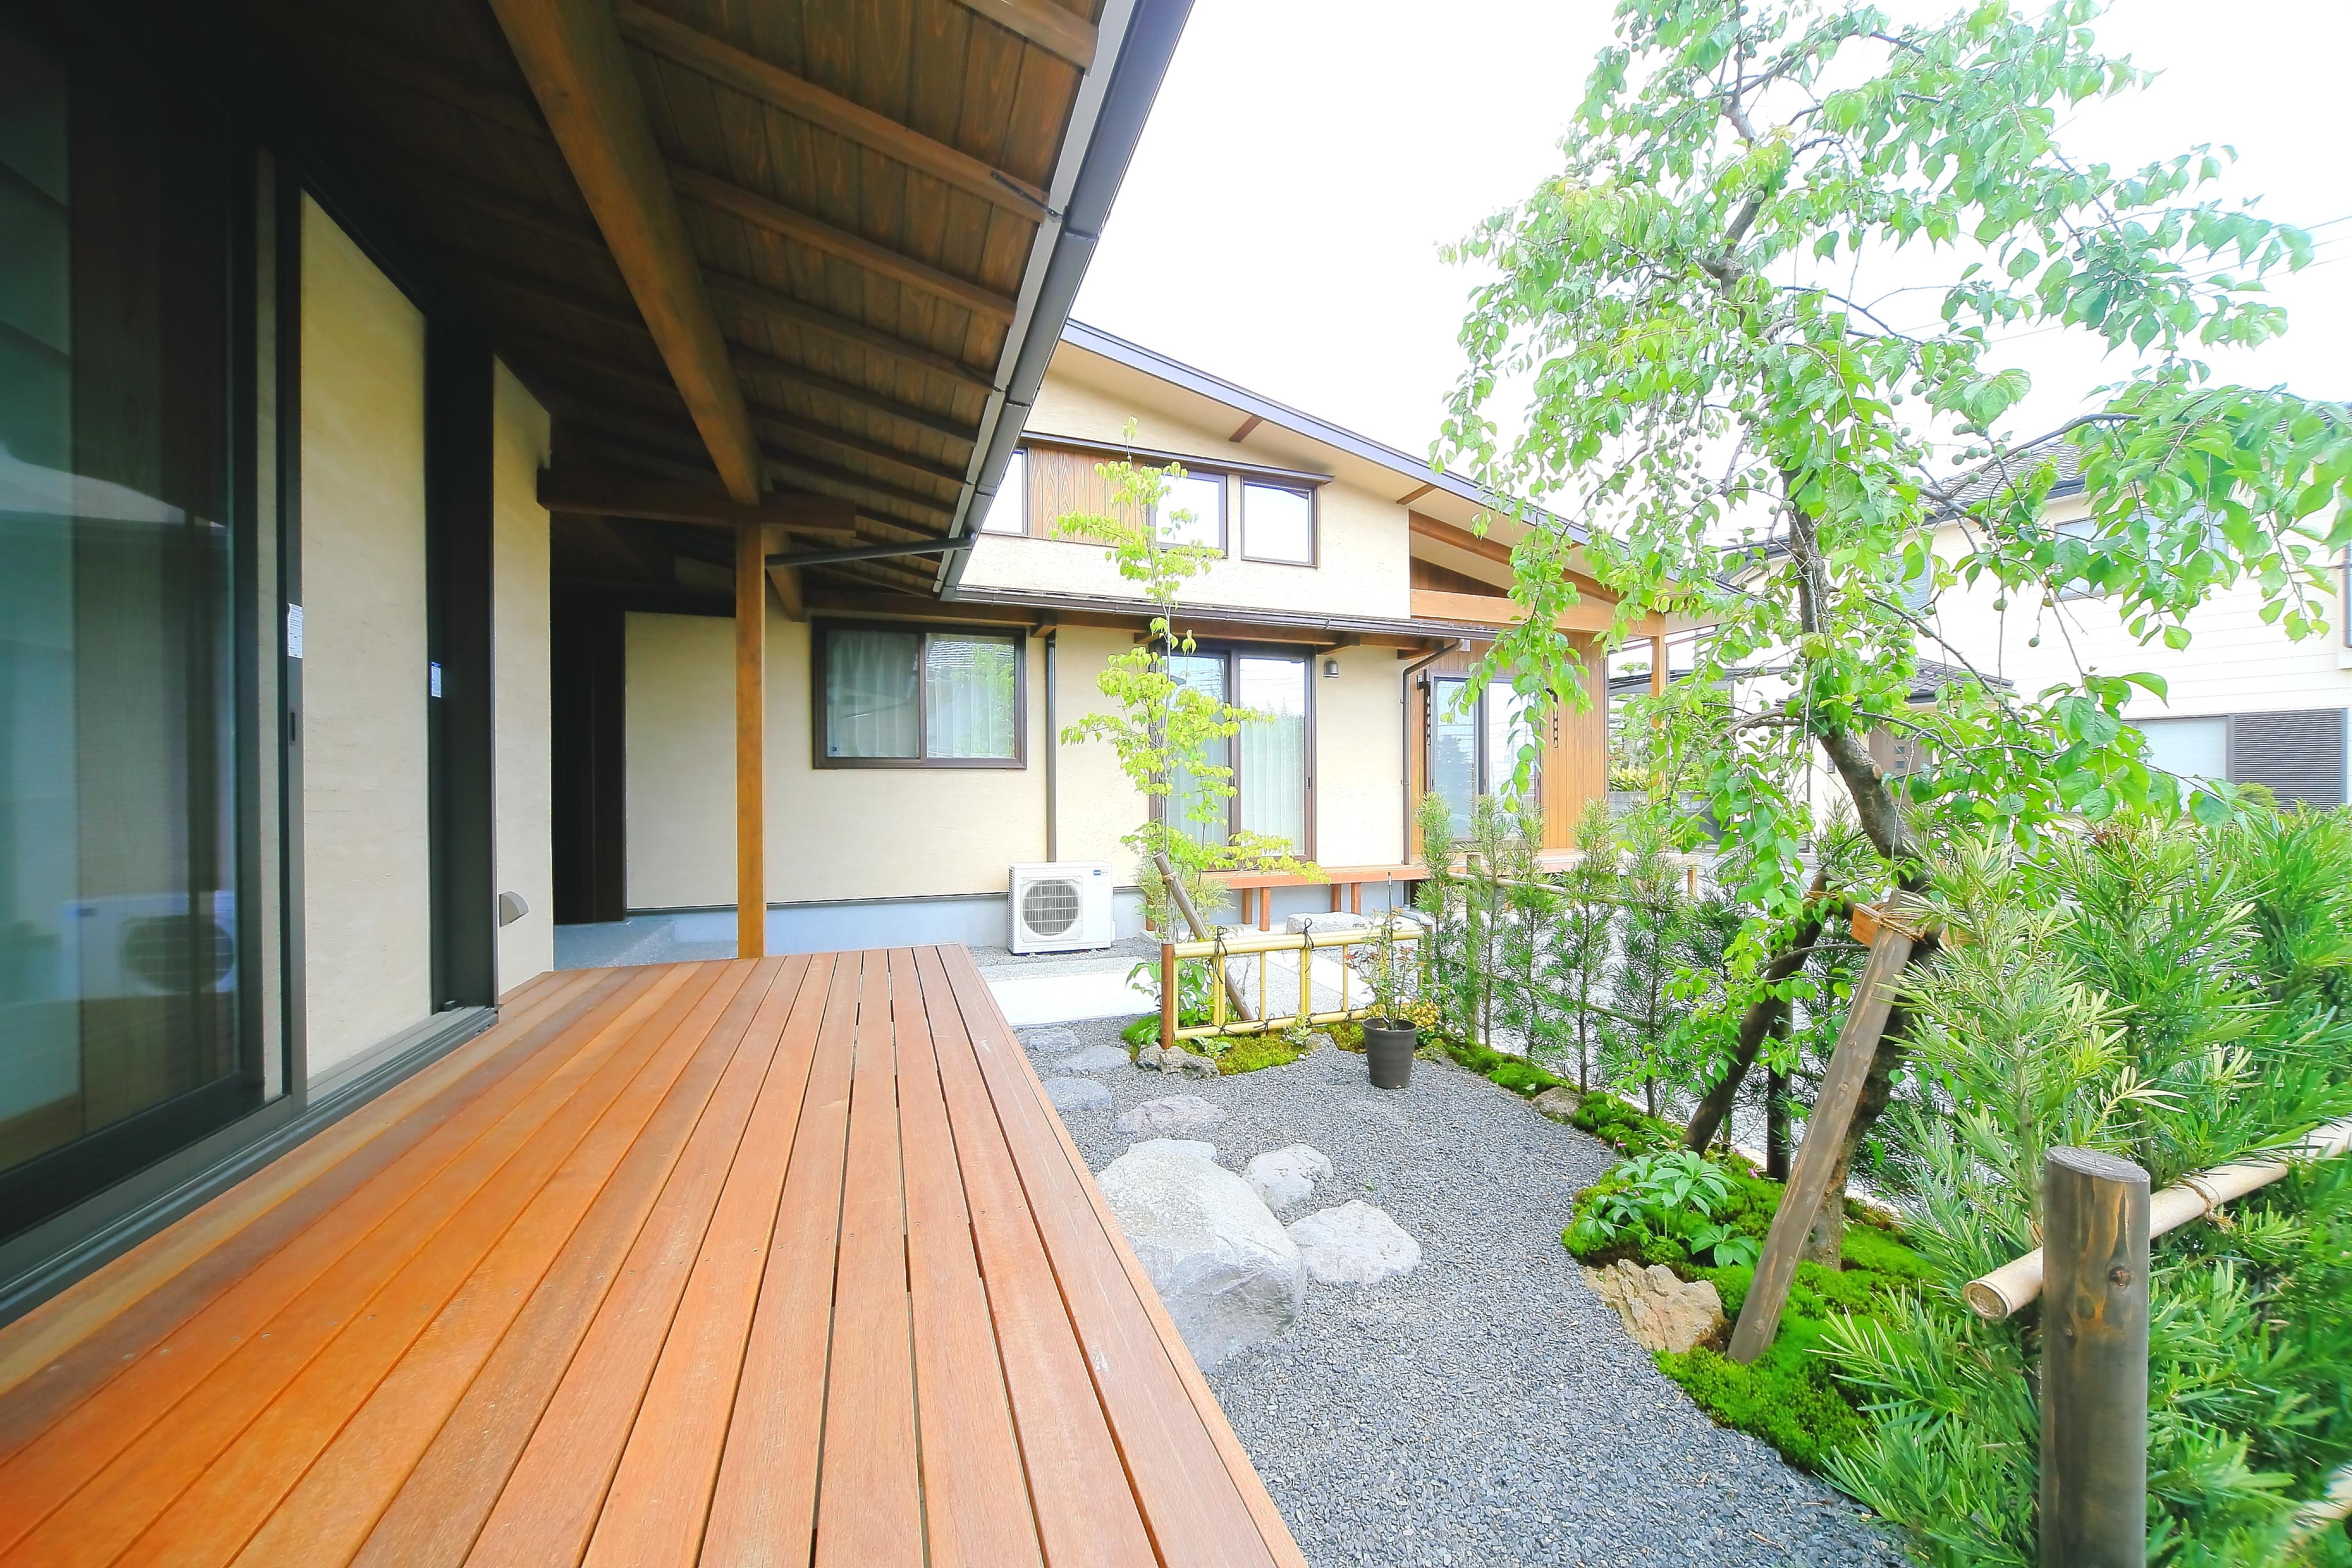 エコフィールド【二世帯住宅、自然素材、間取り】広めにとった縁側。目の前の庭の緑に癒されながら、のんびりお茶をするのも楽しい